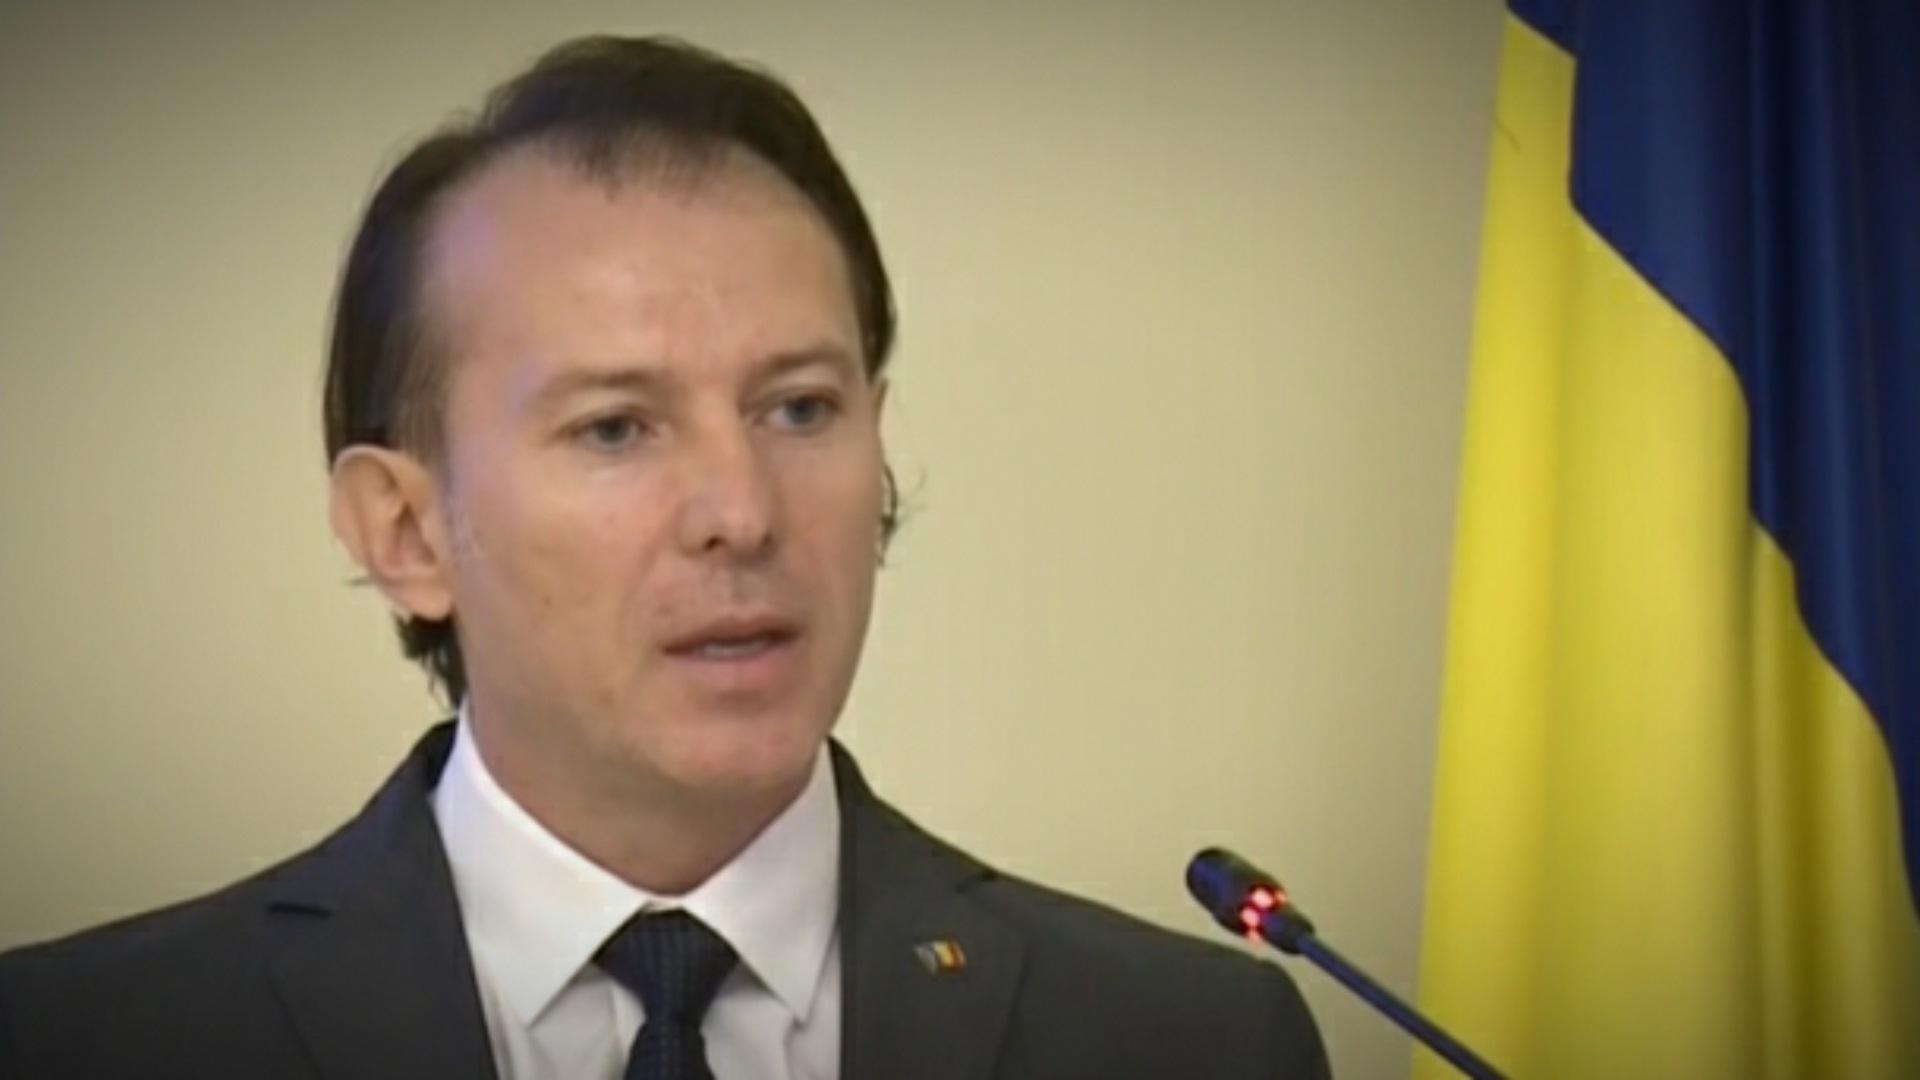 Preşedintele Klaus Iohannis: Am decis să desemnez pentru poziţia de prim-ministru pe Florin Cîţu